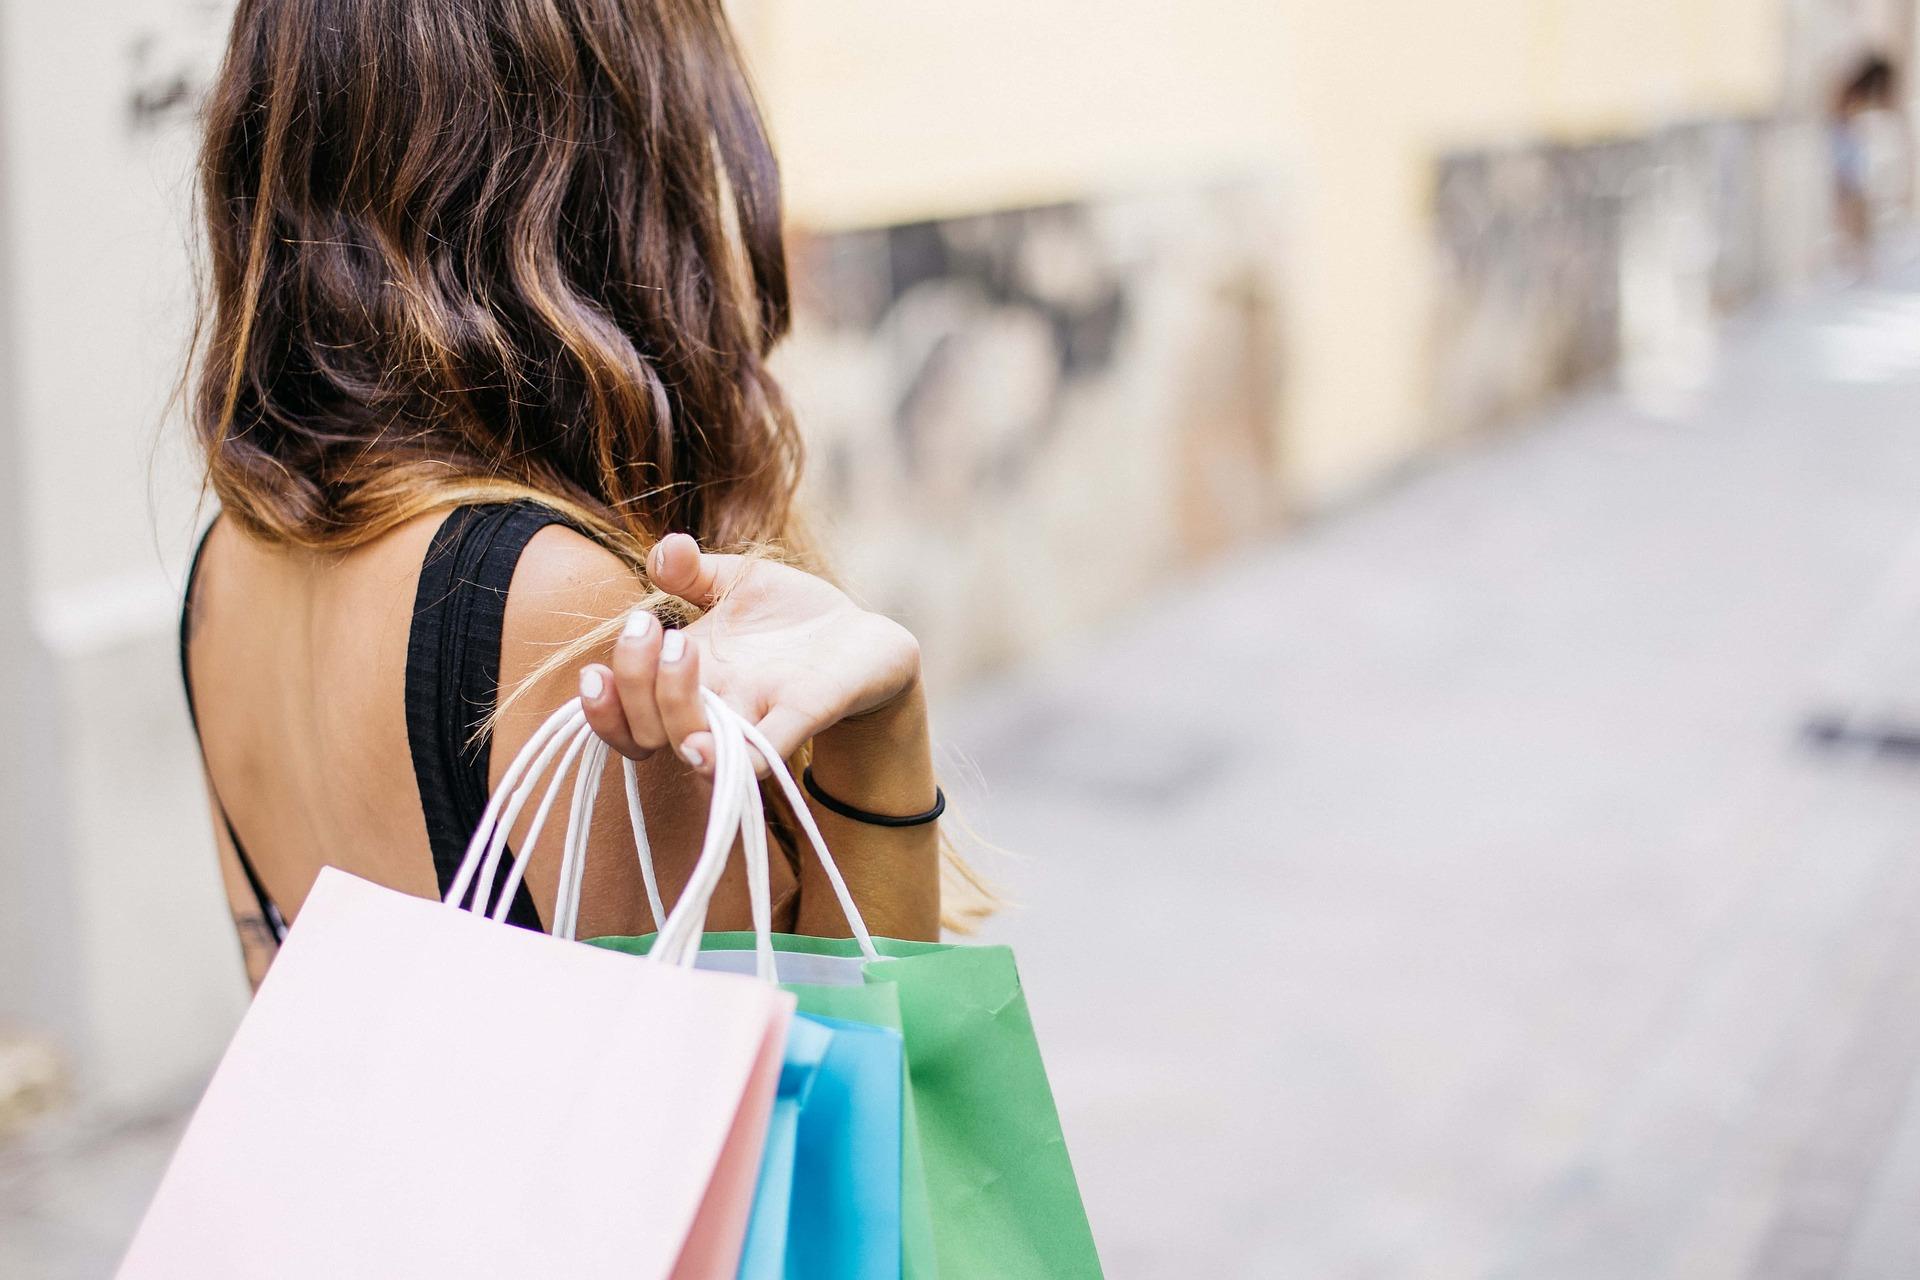 5 Ting å Tenke på før du shopper!